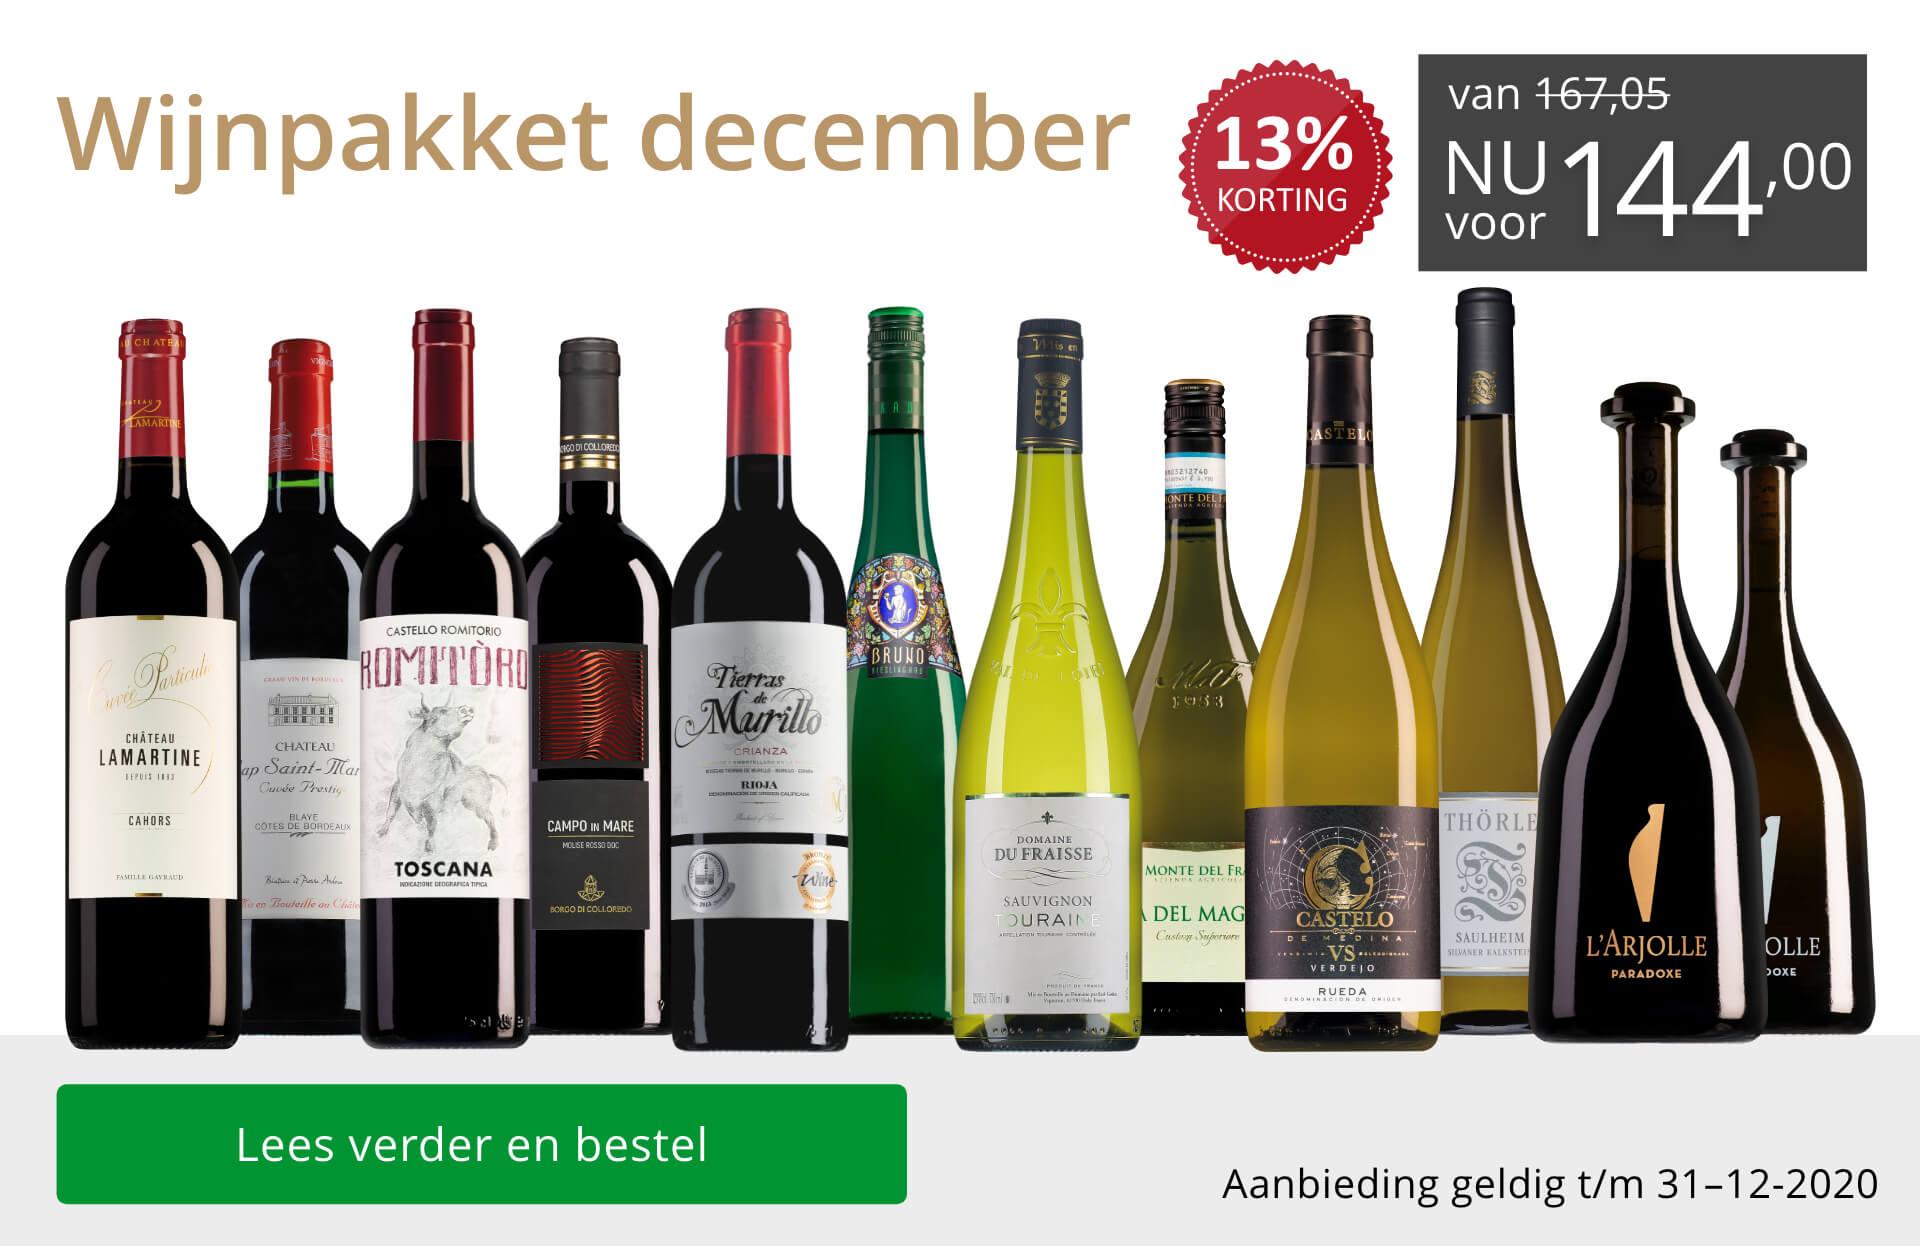 Wijnpakket wijnbericht december 2020 (144,00) - grijs/goud